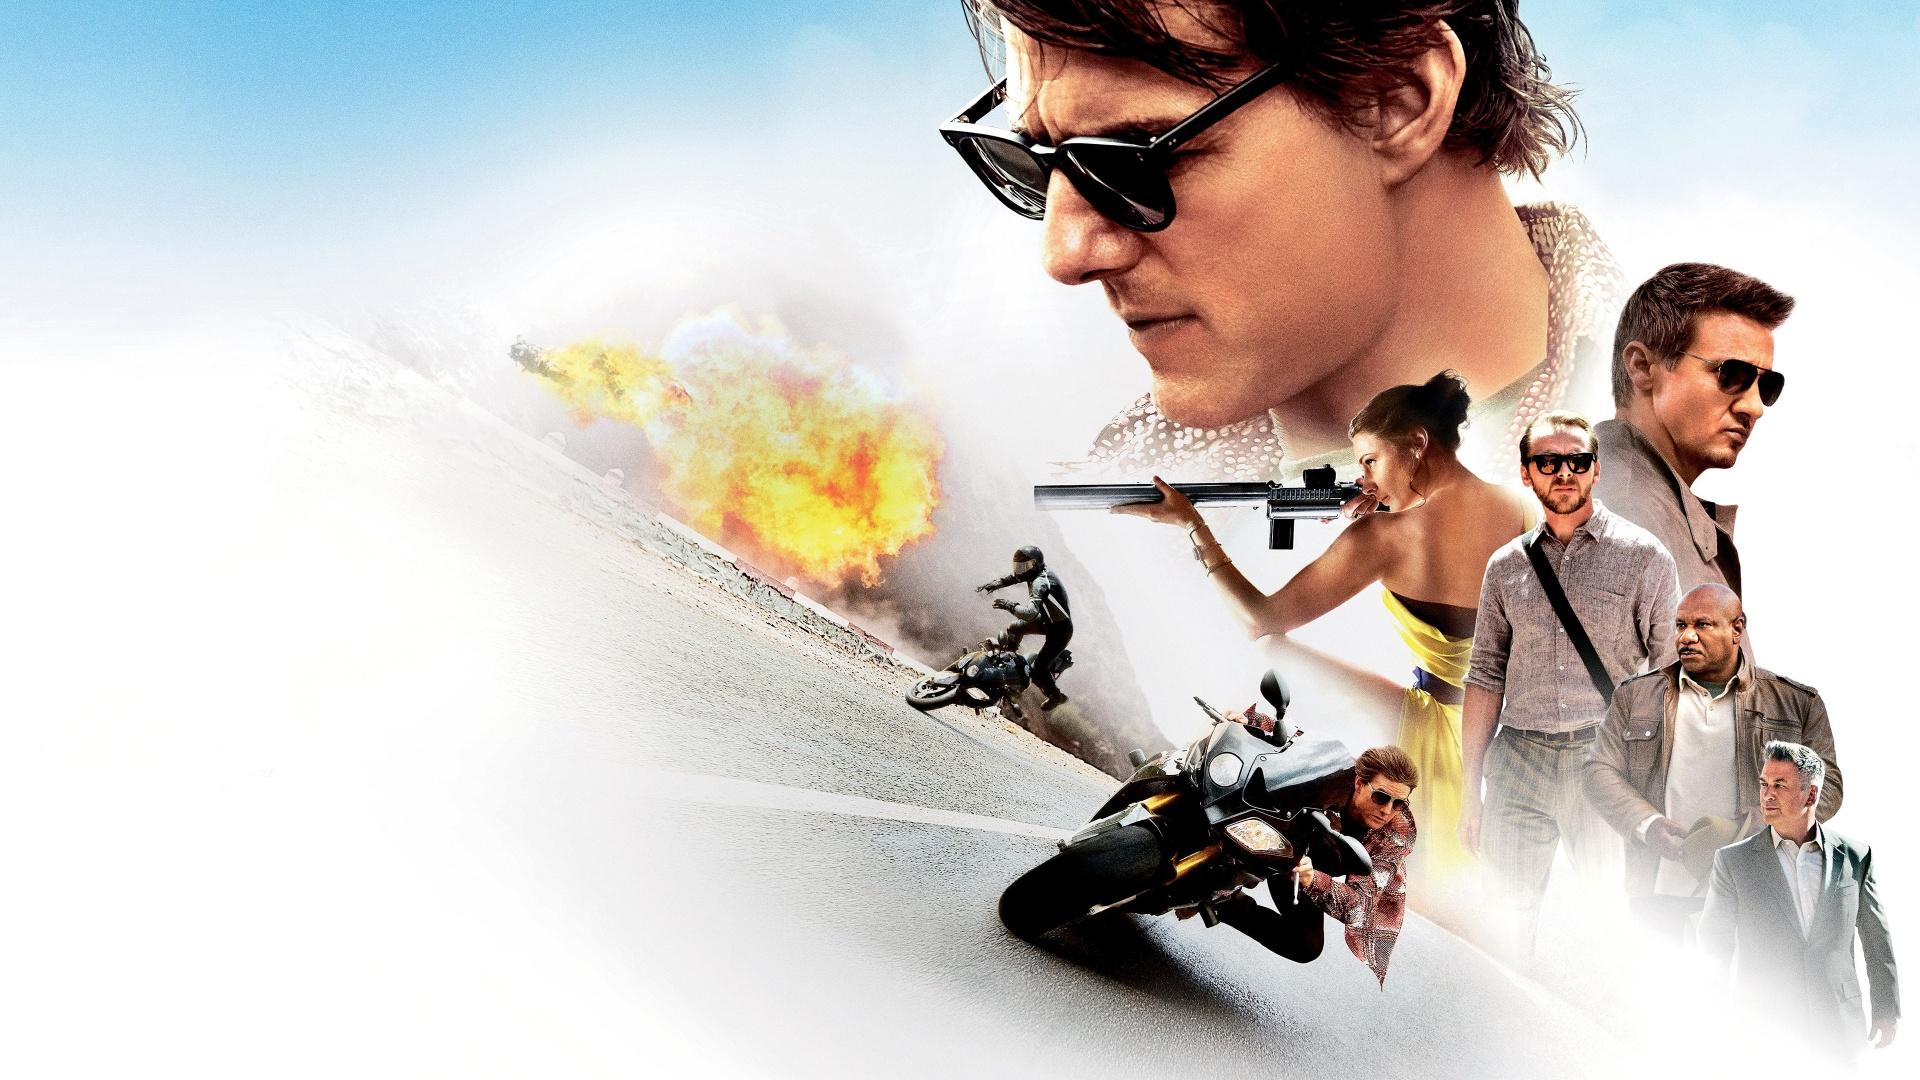 火爆的《碟中谍5》明天就要上映了,来八一八其背后的4家中国公司-钛媒体官方网站